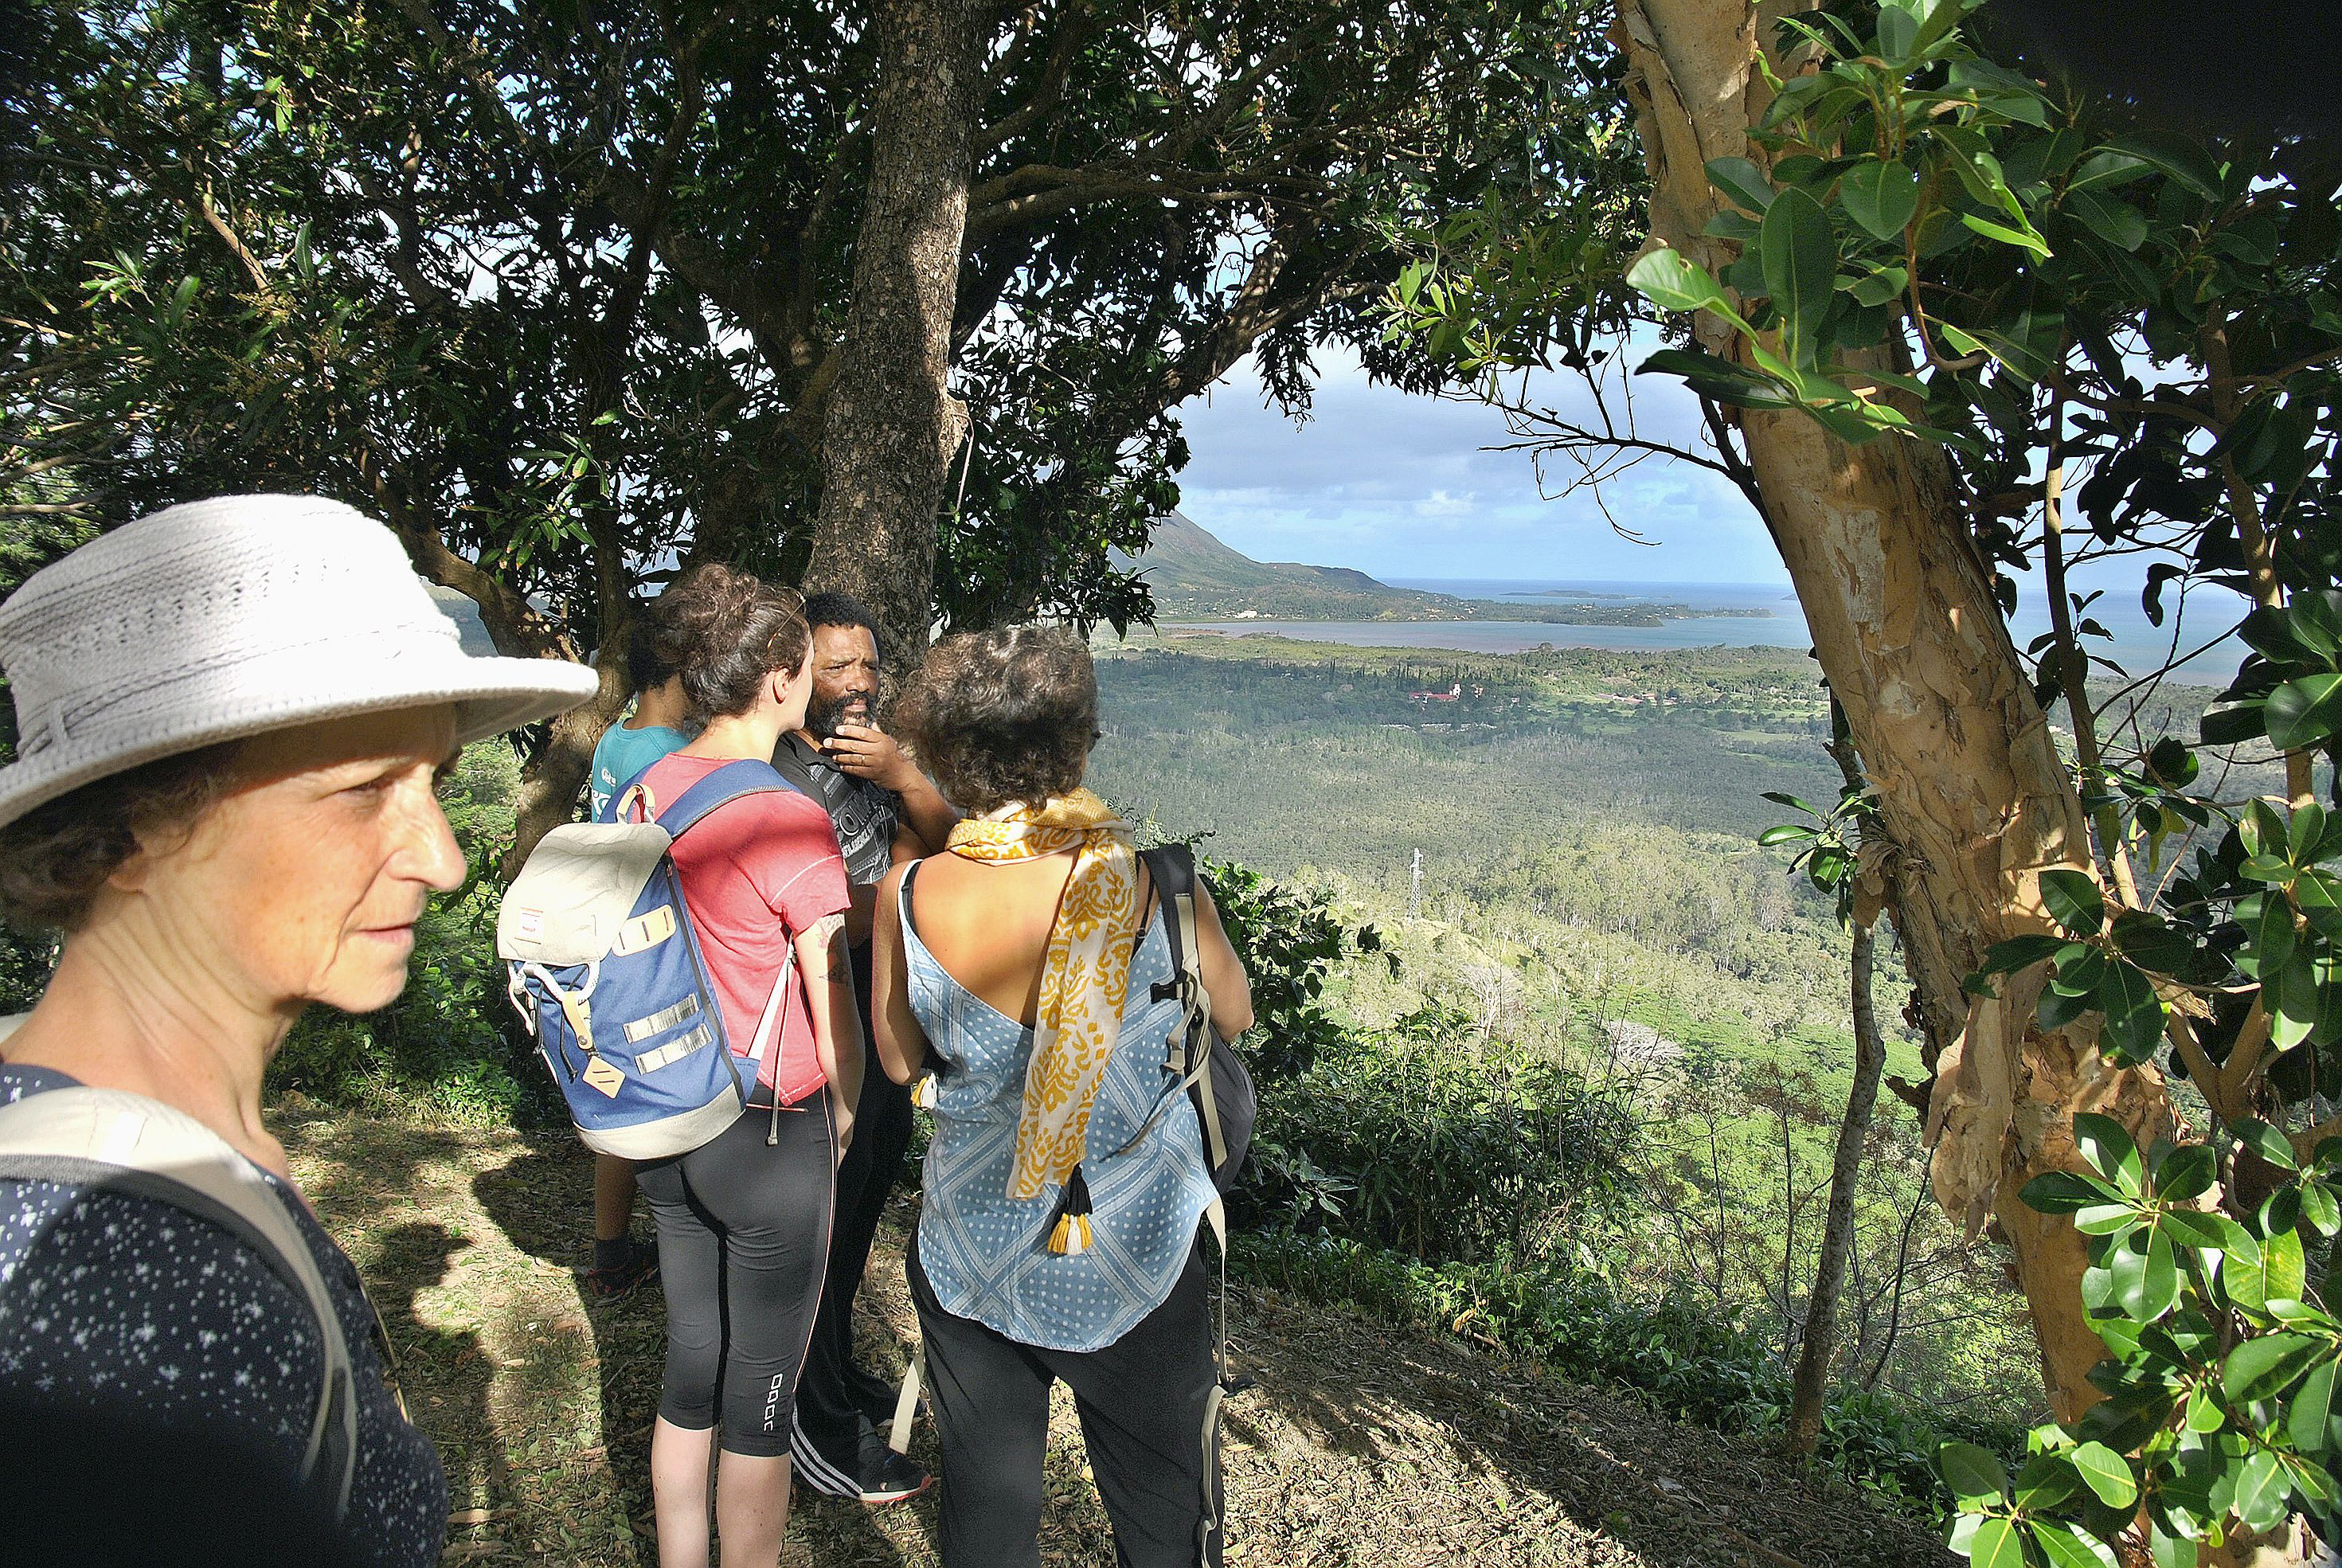 Des randonnées pédestres jusqu'aux vestiges des moines trappistes ont été organisées. Au sommet du site, les visiteurs ont contemplé une vue unique sur toute la tribu. Photo G.R